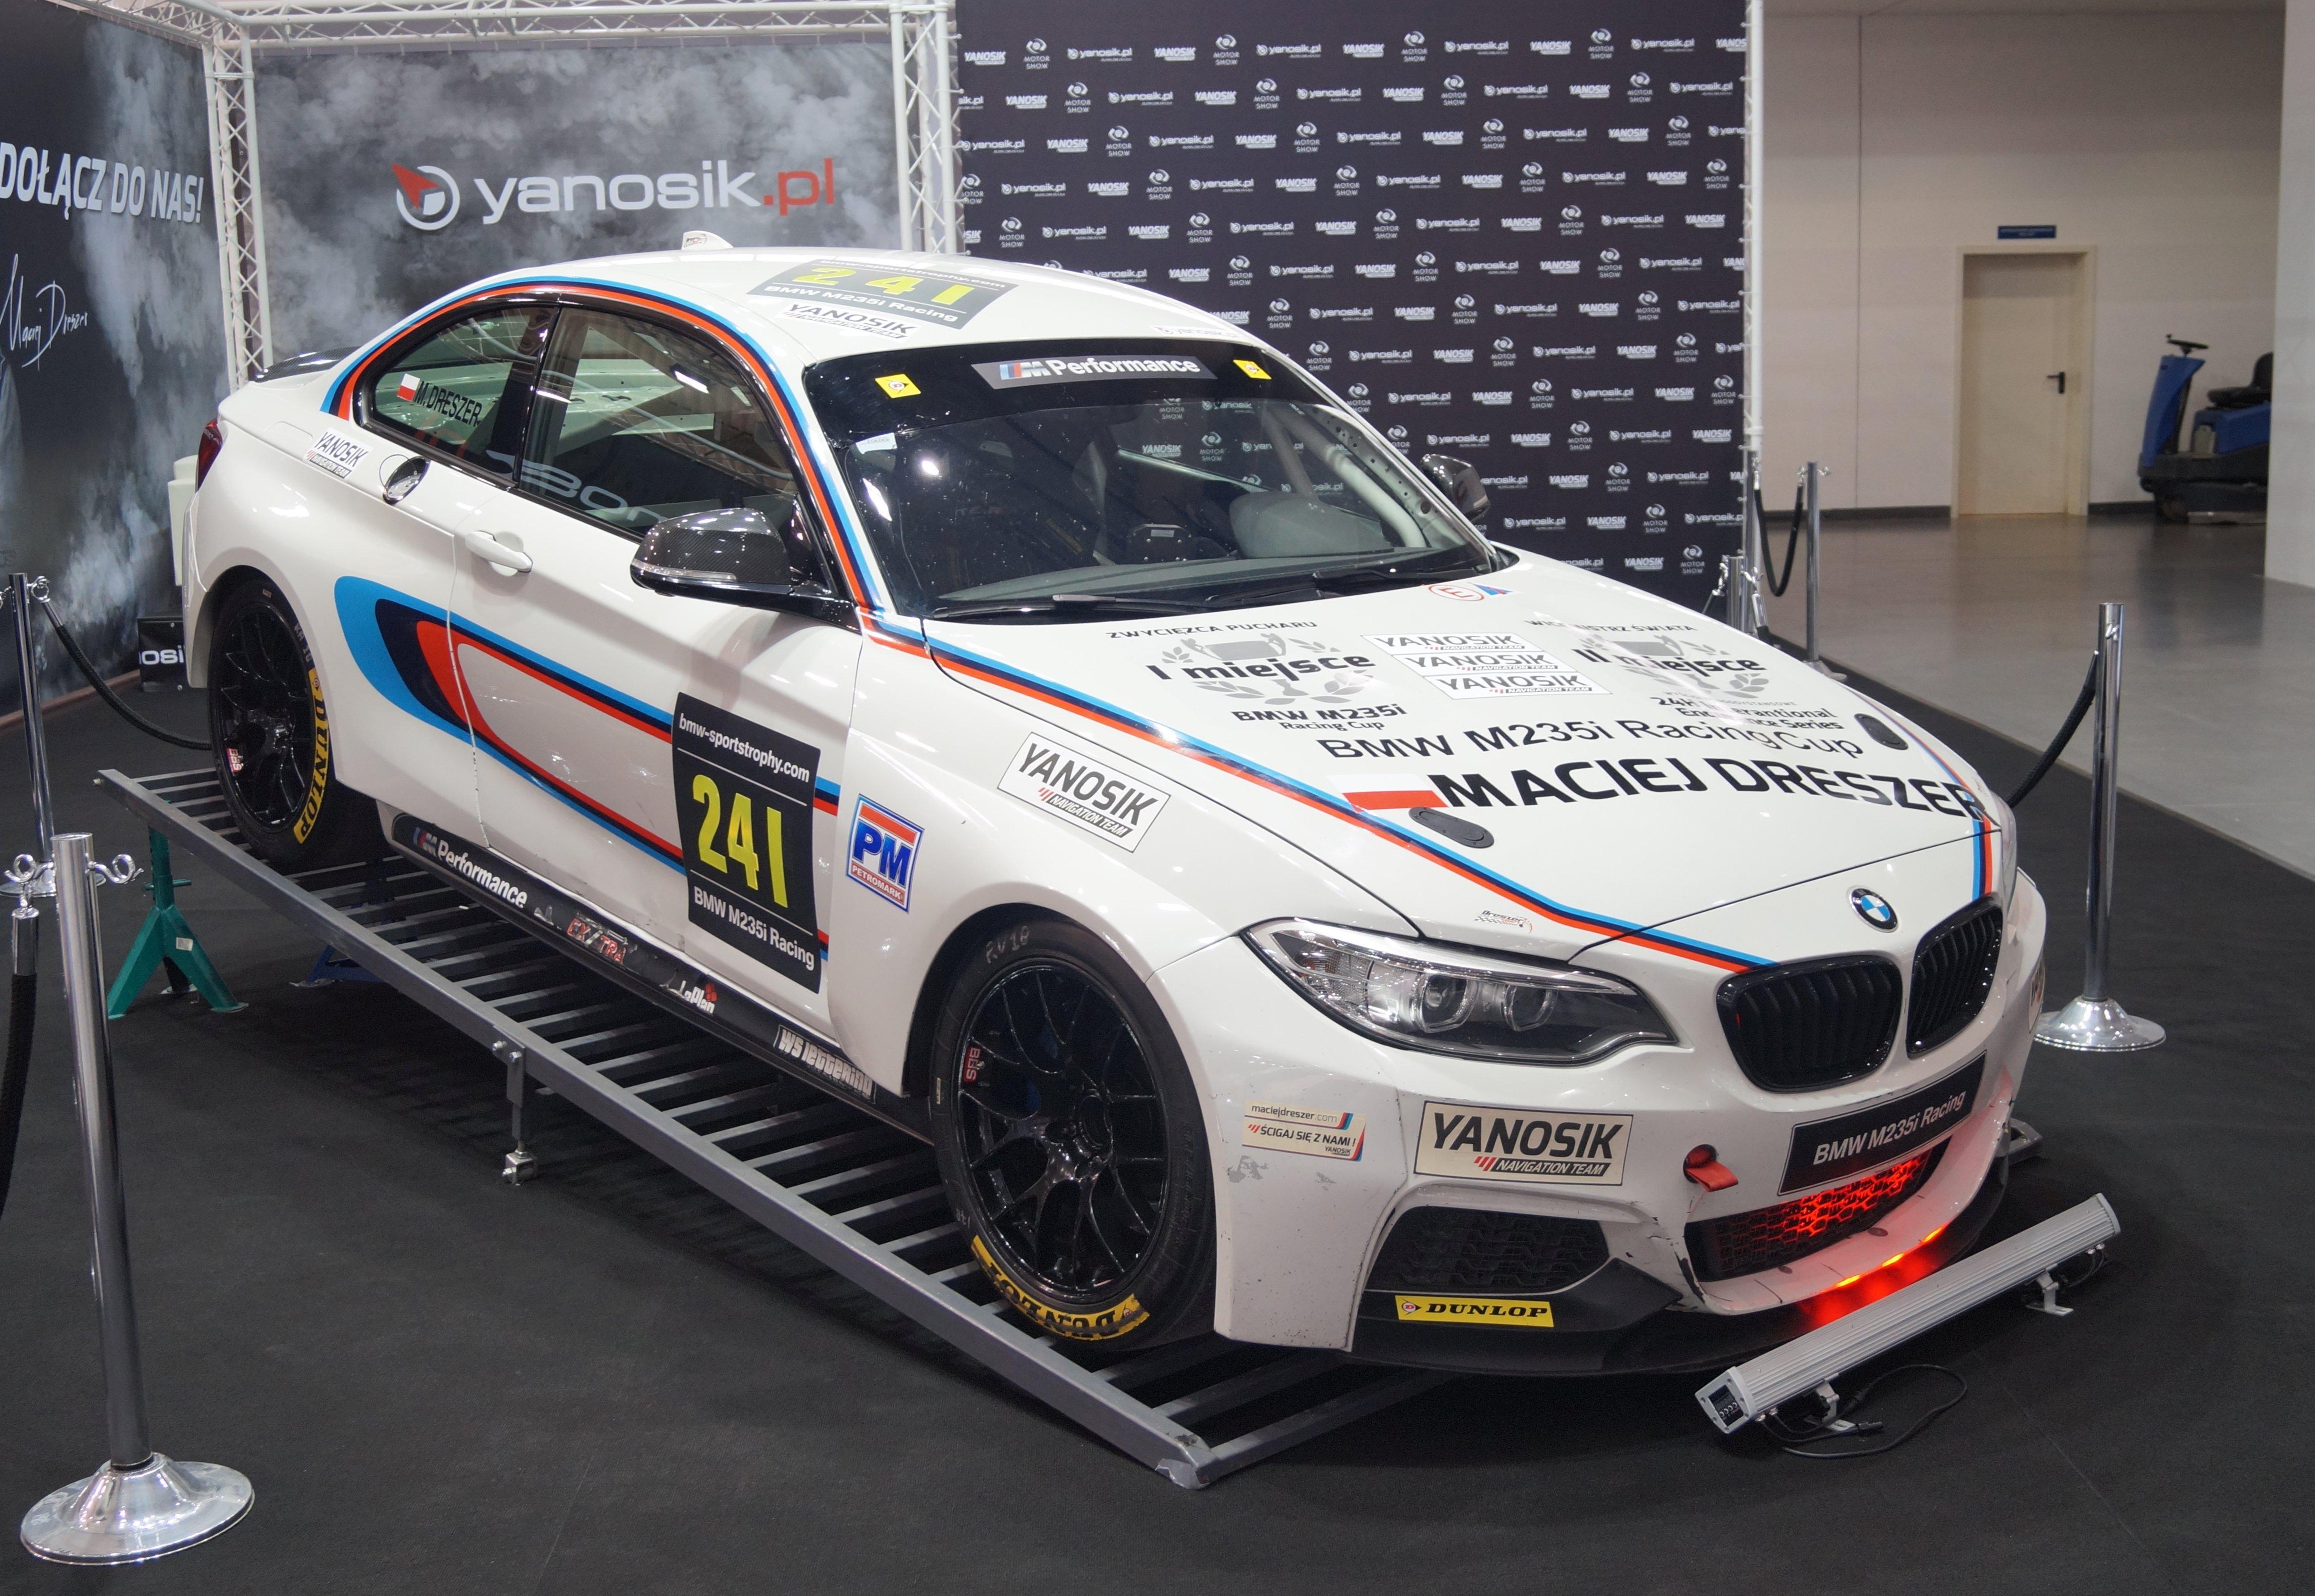 https://upload.wikimedia.org/wikipedia/commons/5/5b/BMW_M235i_Maciej_Dreszer_%28MSP16%29